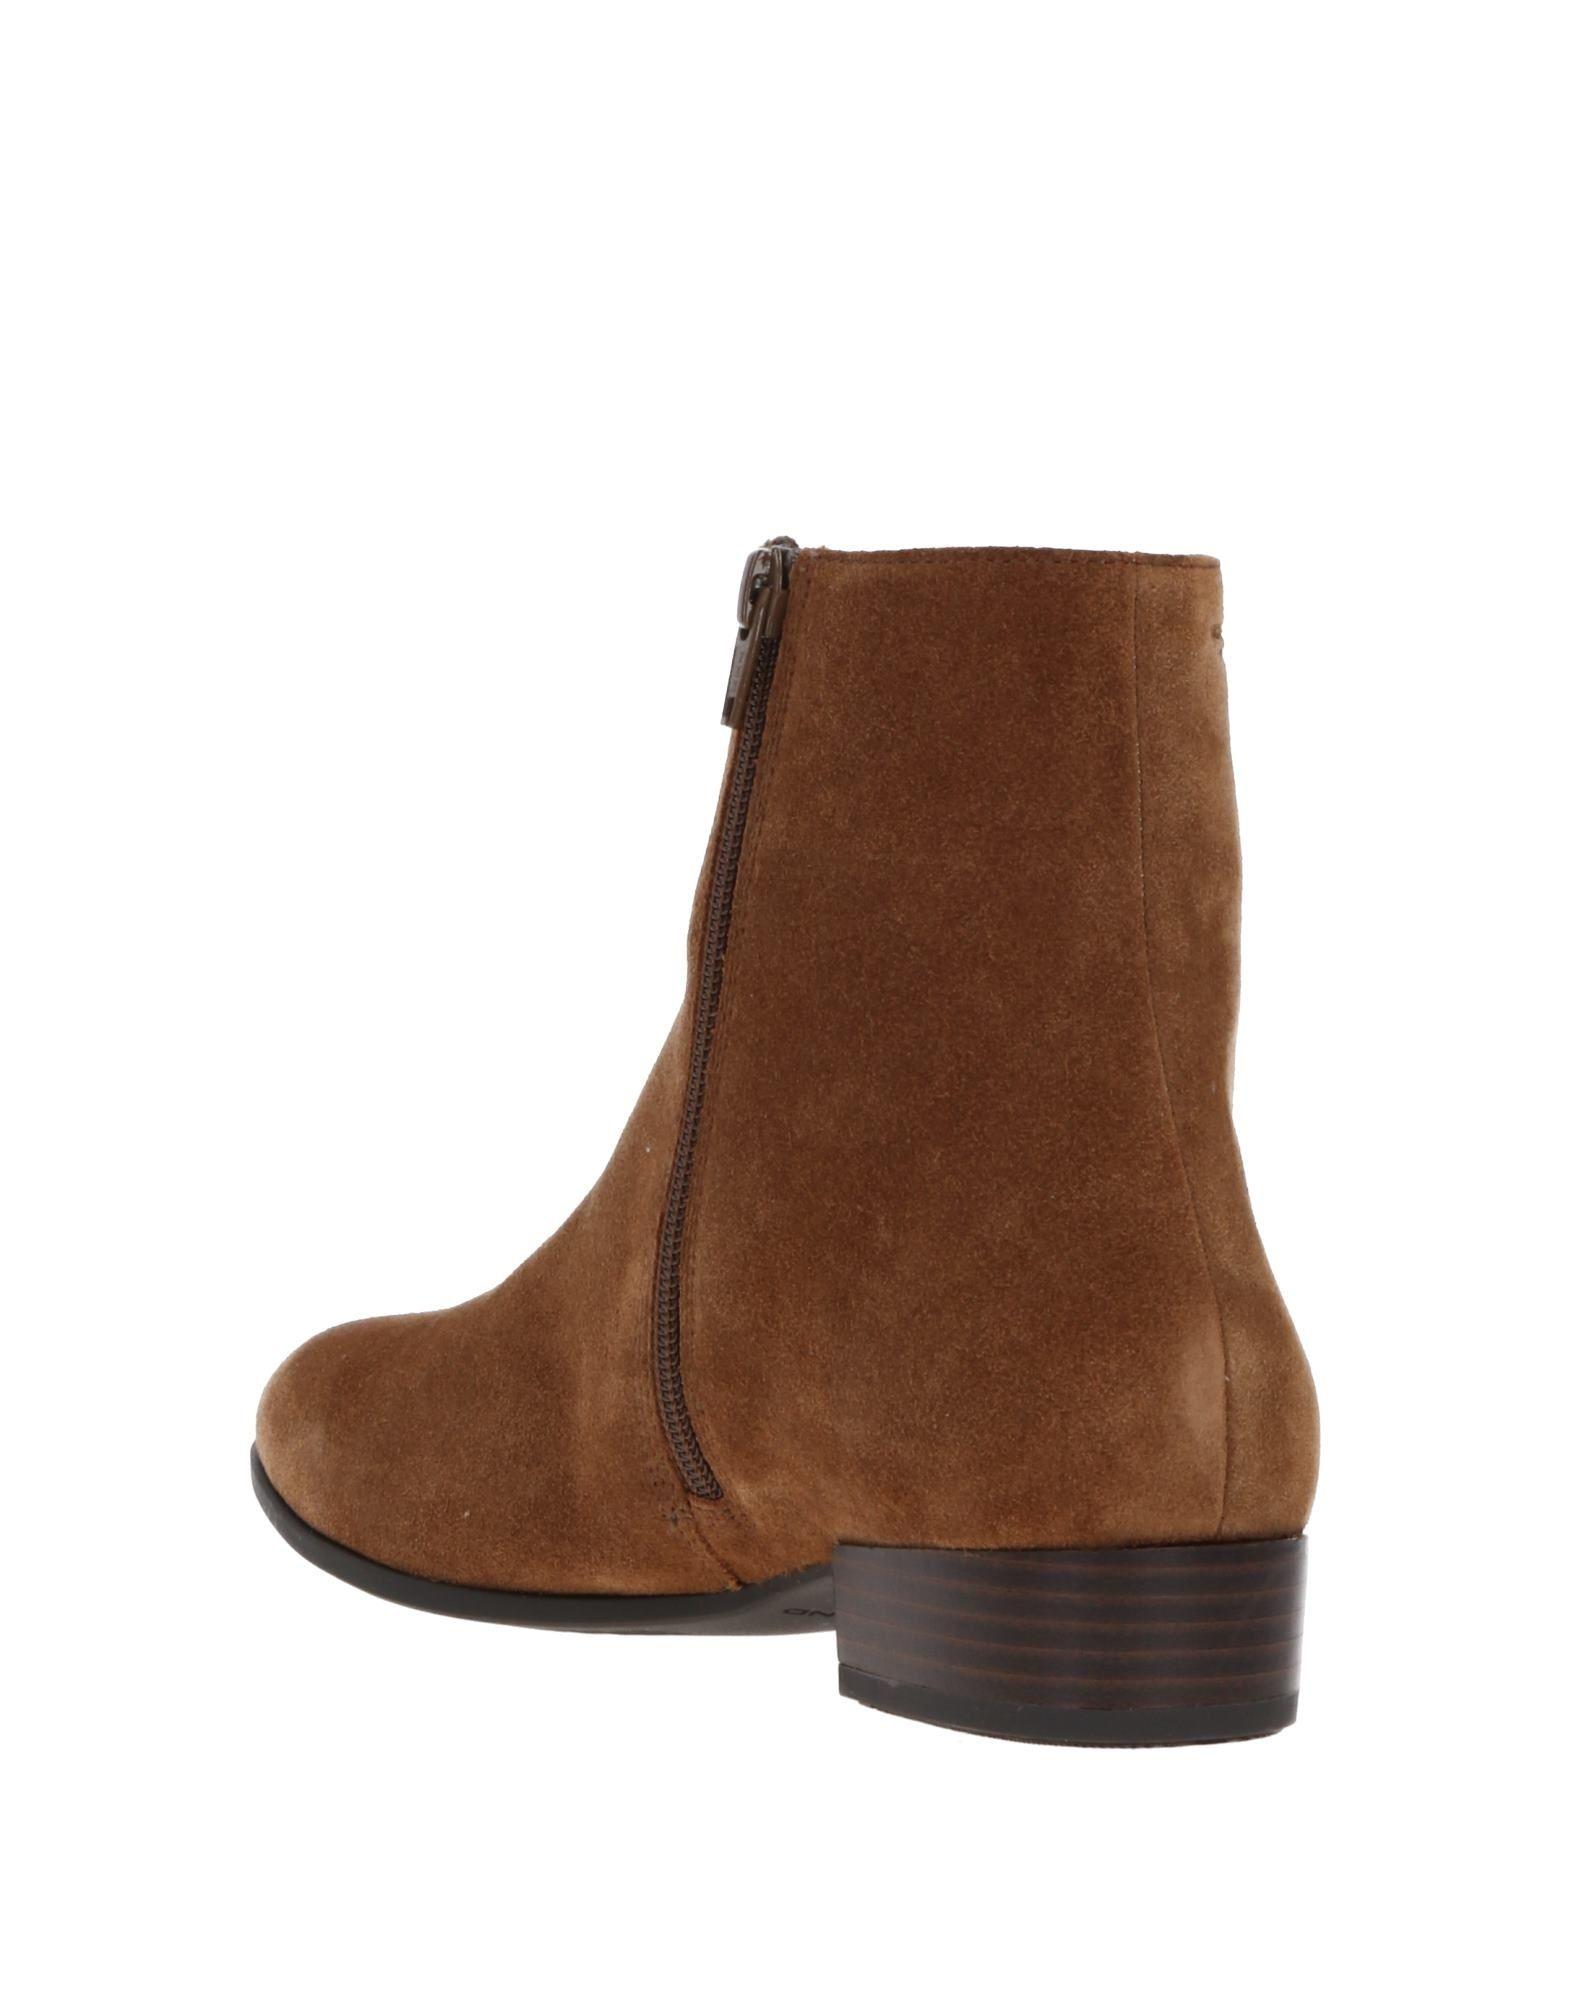 Stilvolle Stiefelette billige Schuhe Vagabond Shoemakers Stiefelette Stilvolle Damen  11519518NK 3fb6da